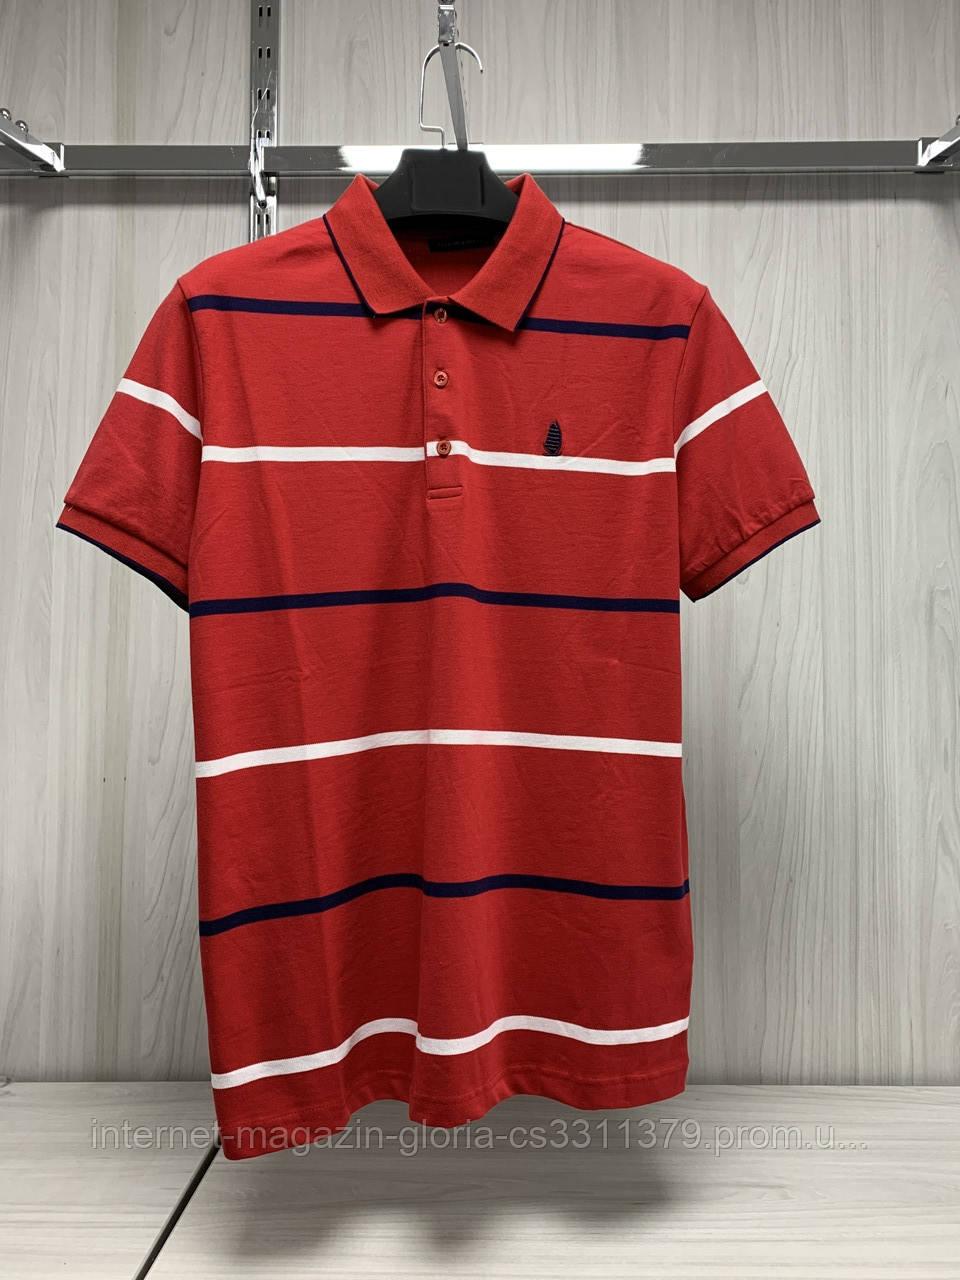 Мужская футболка поло Tony Montana. PSL-2005(tmp241-8). Размеры: M,L,XL,XXL.